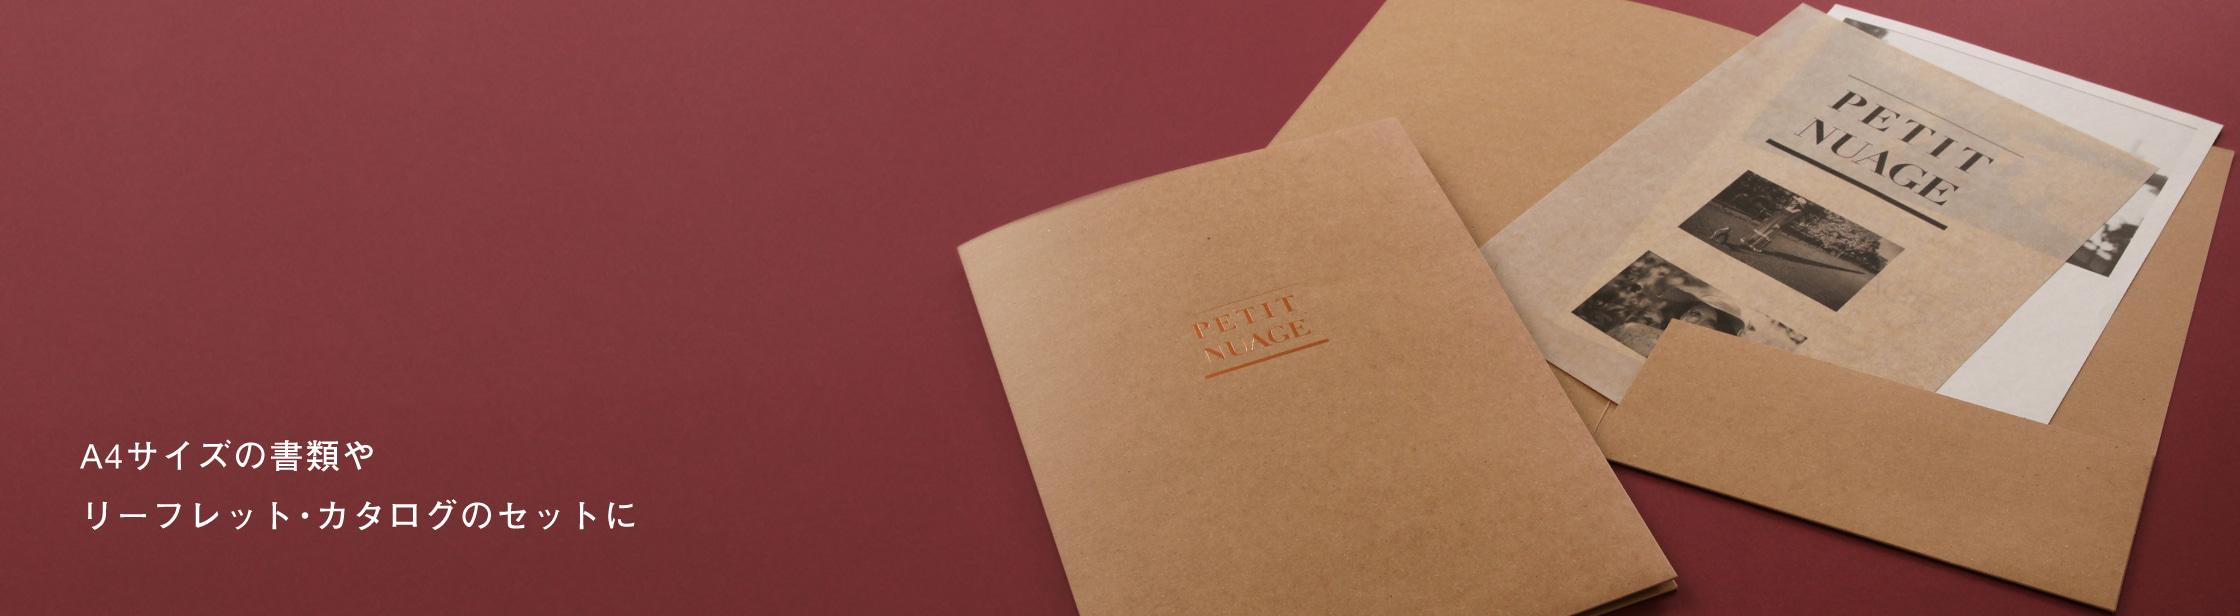 紙製ポケットフォルダー